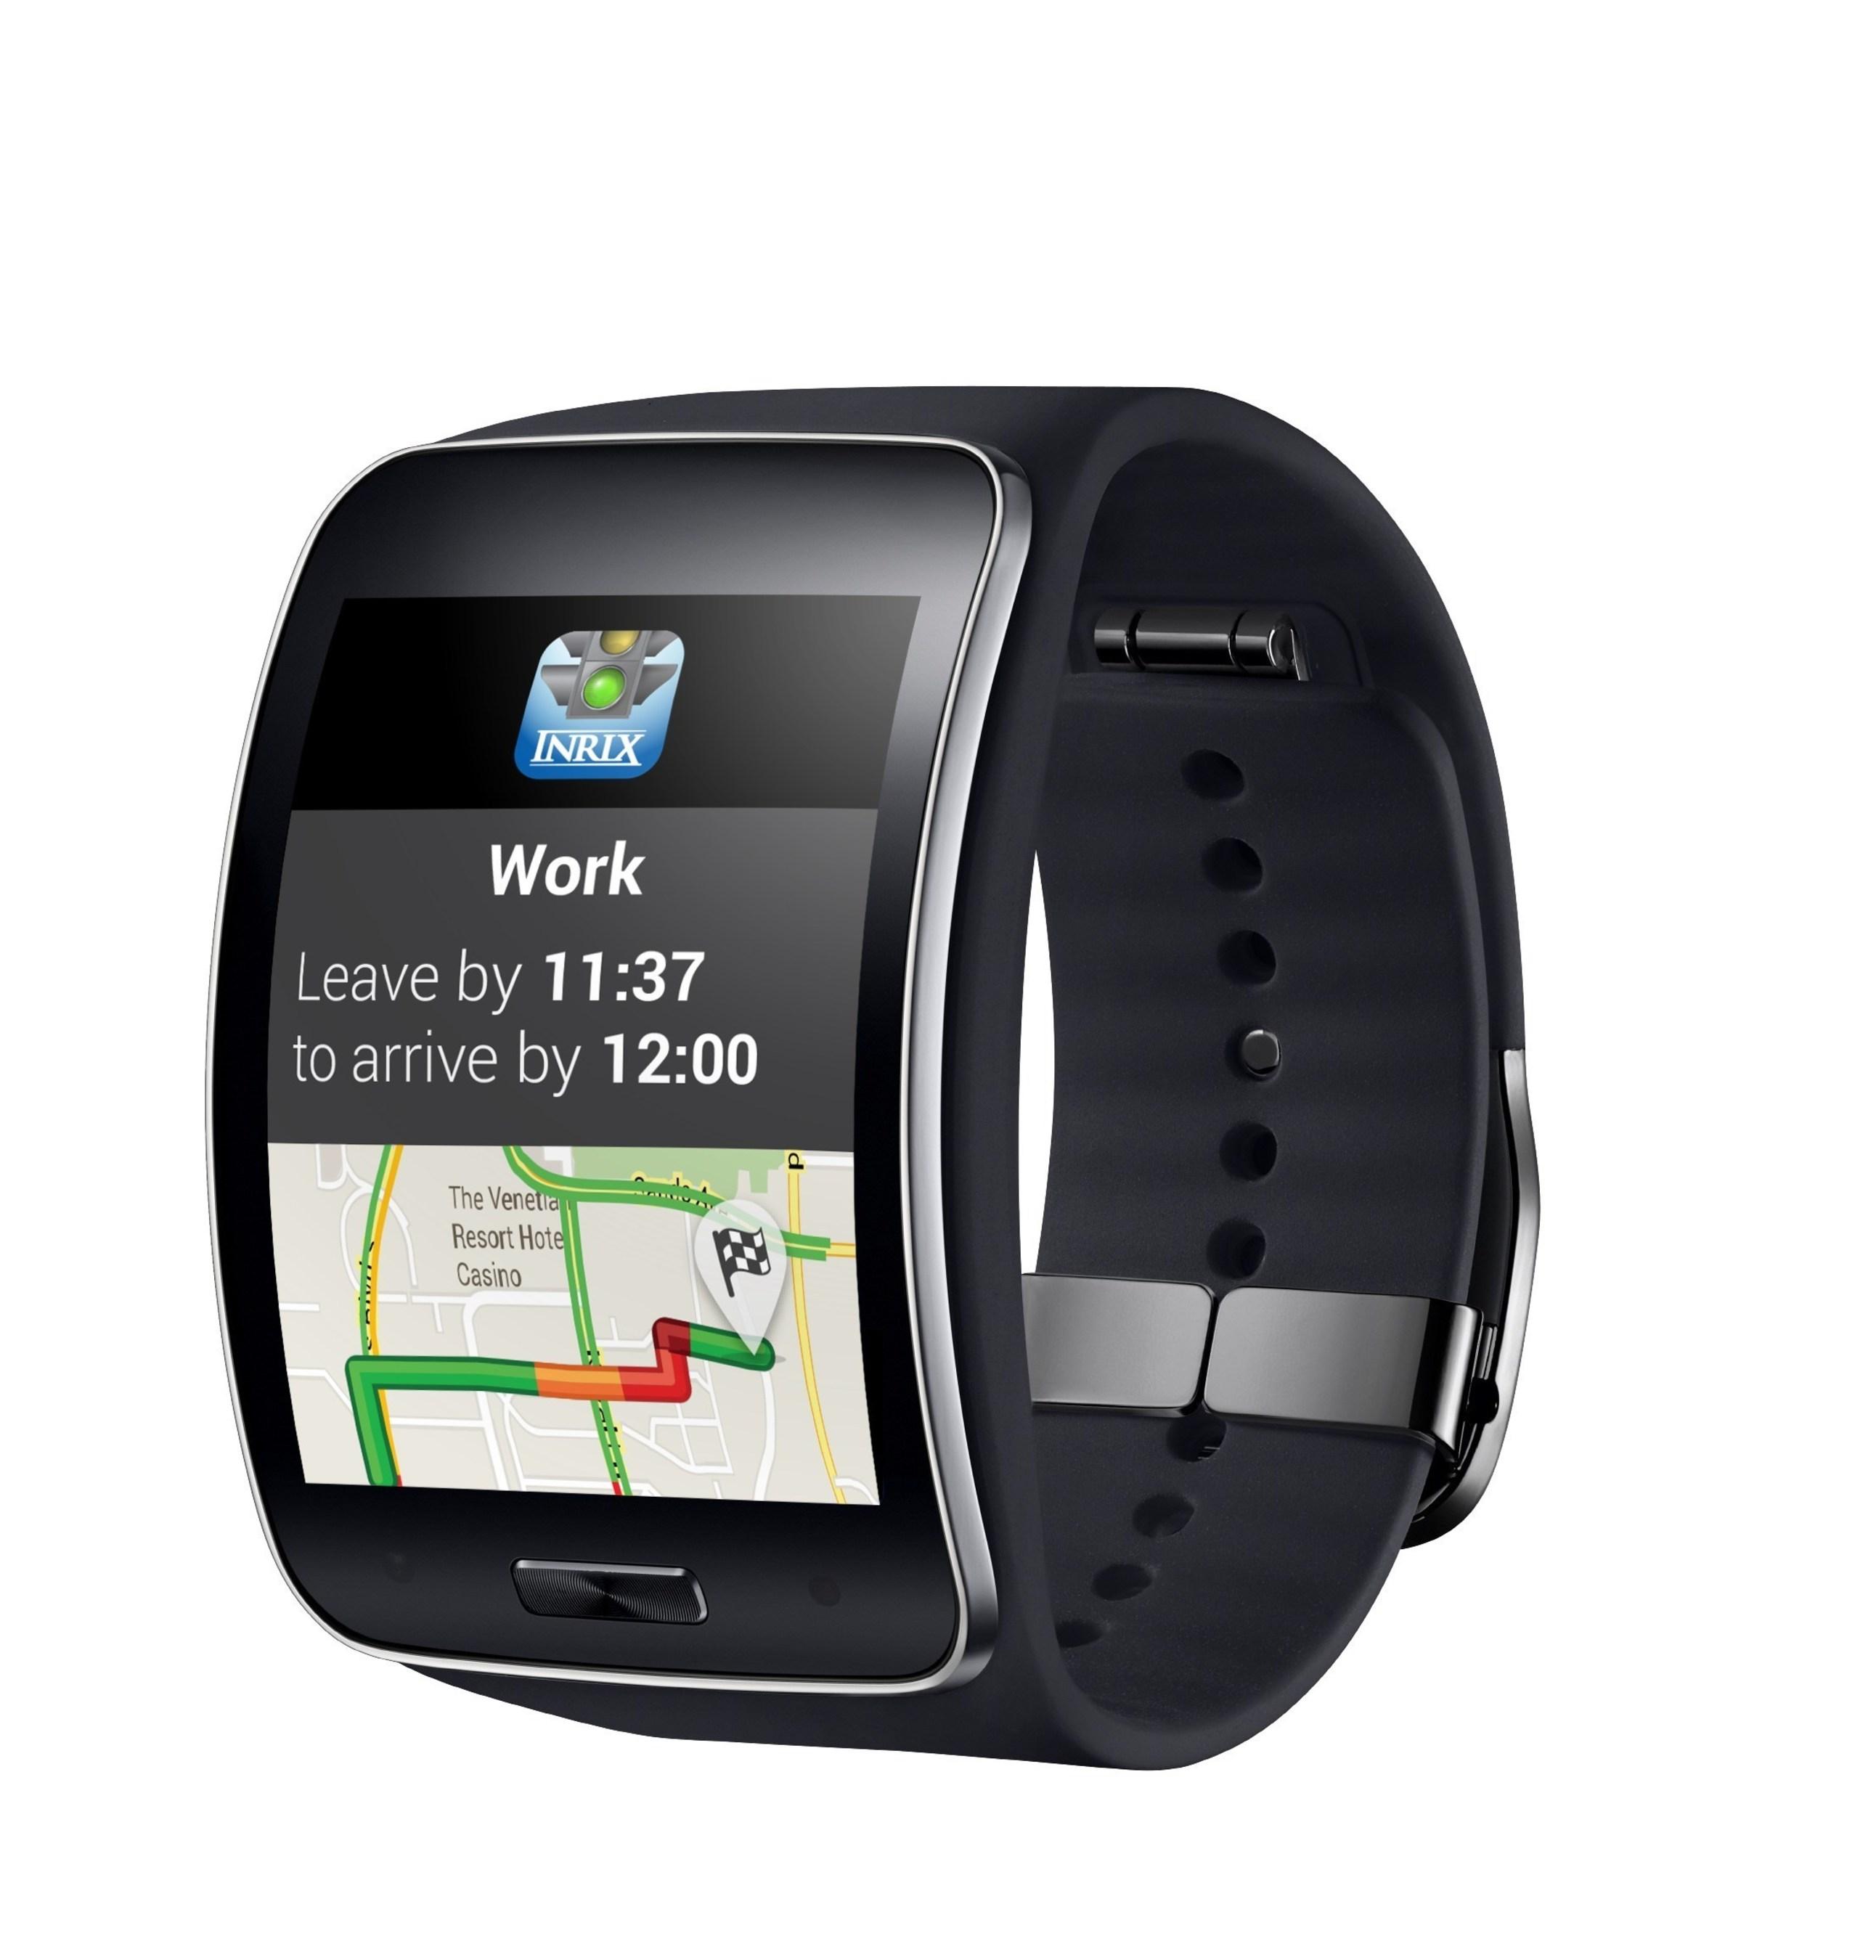 INRIX setzt Zusammenarbeit mit Samsung bei mobilen Anwendungen für das vernetzte Auto fort